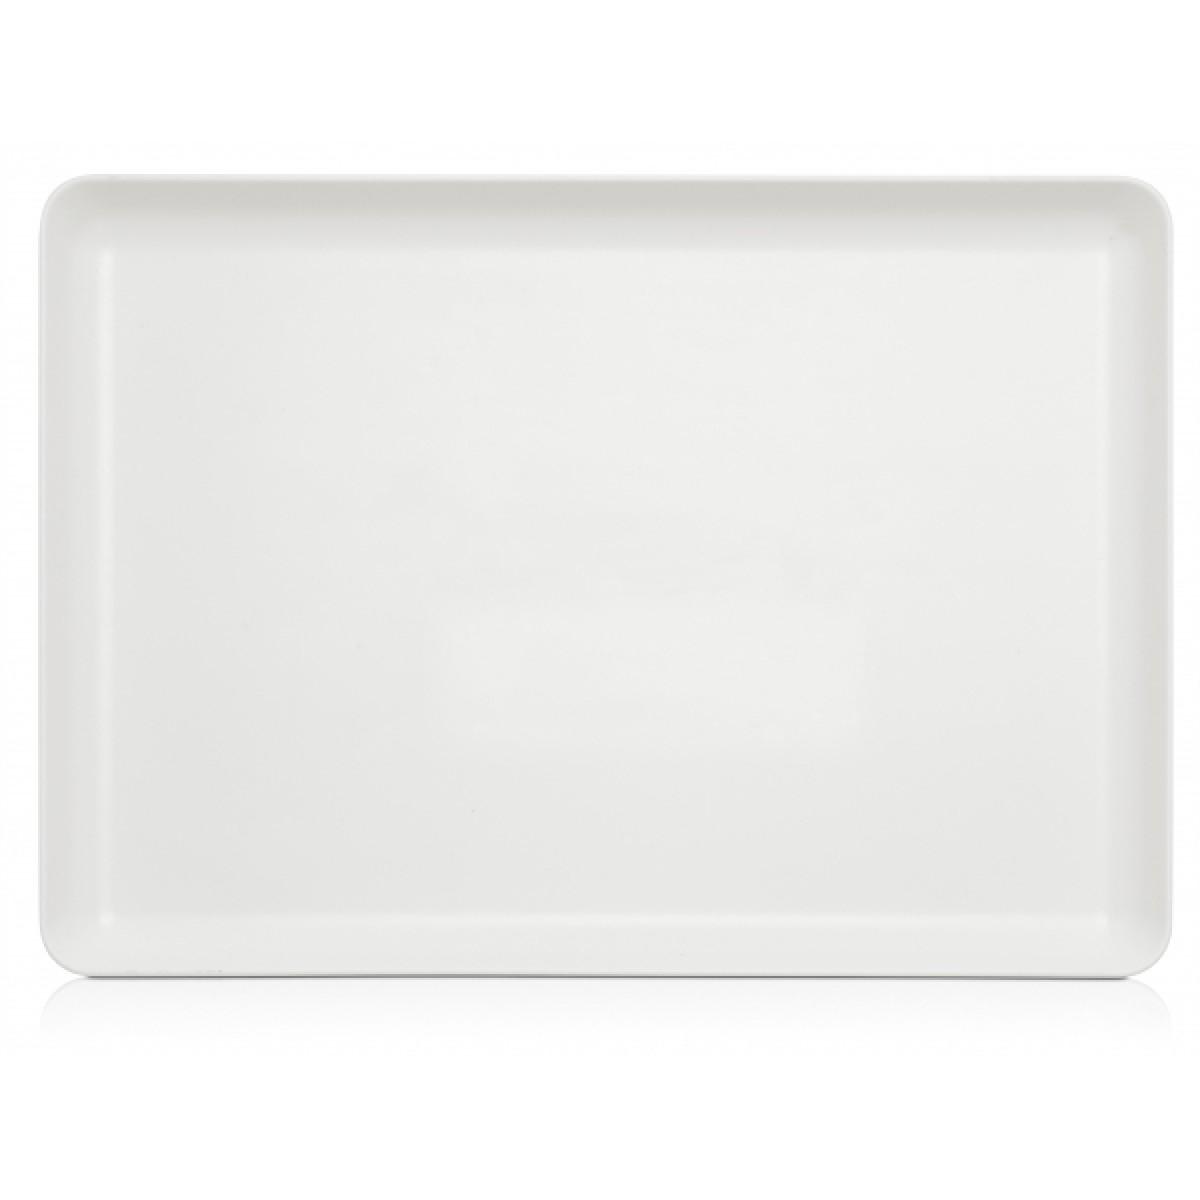 Palette, hvid kunststof, 39,5 x 28 cm., special overflade